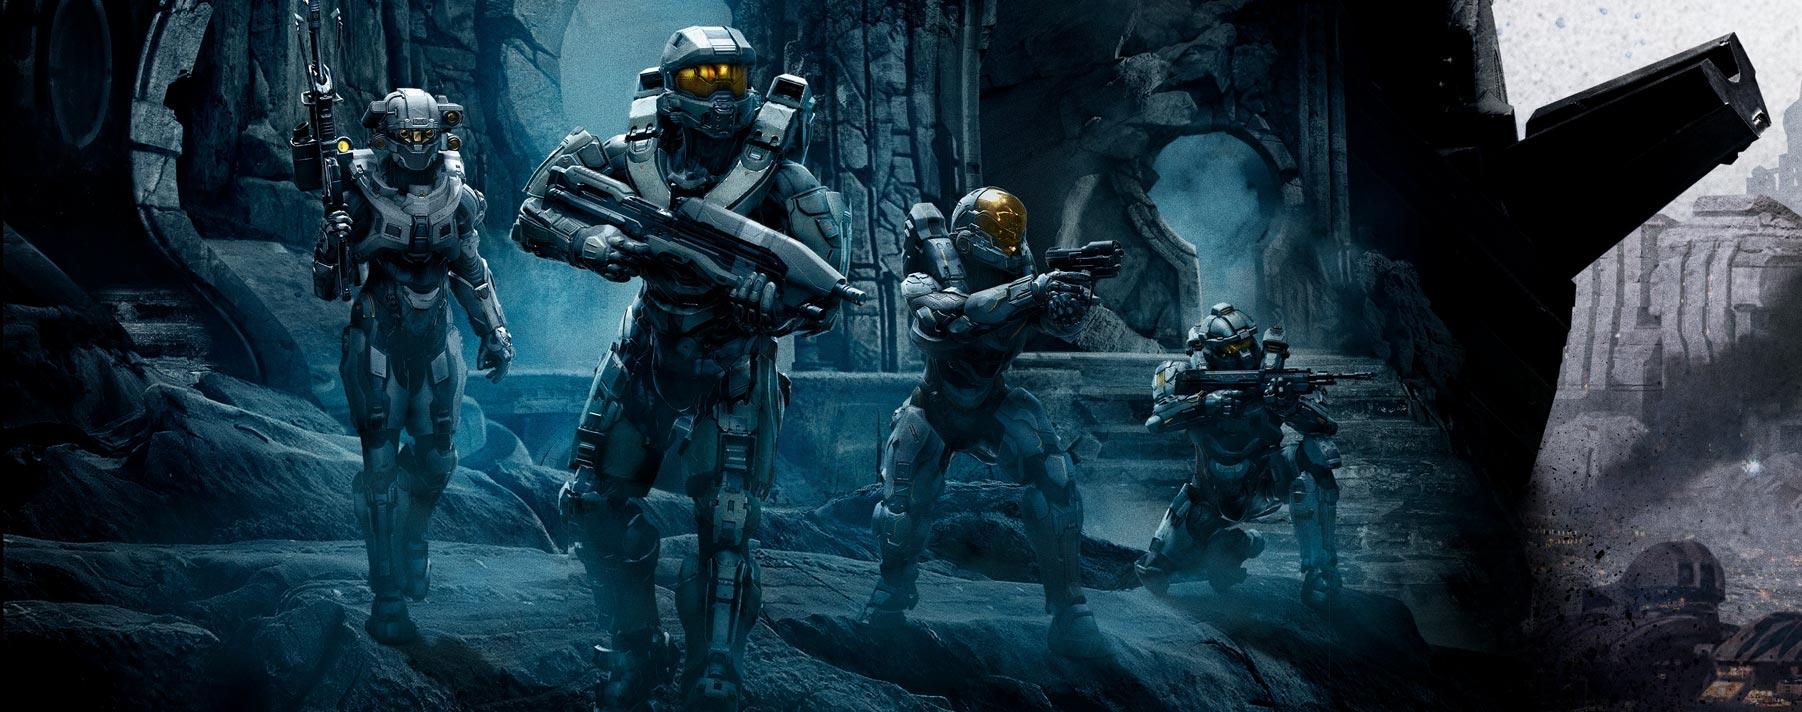 Halo. La serie se centra en una guerra interestelar entre la humanidad y una alianza teocrática de alienígenas conocidos como Covenant o Pacto.